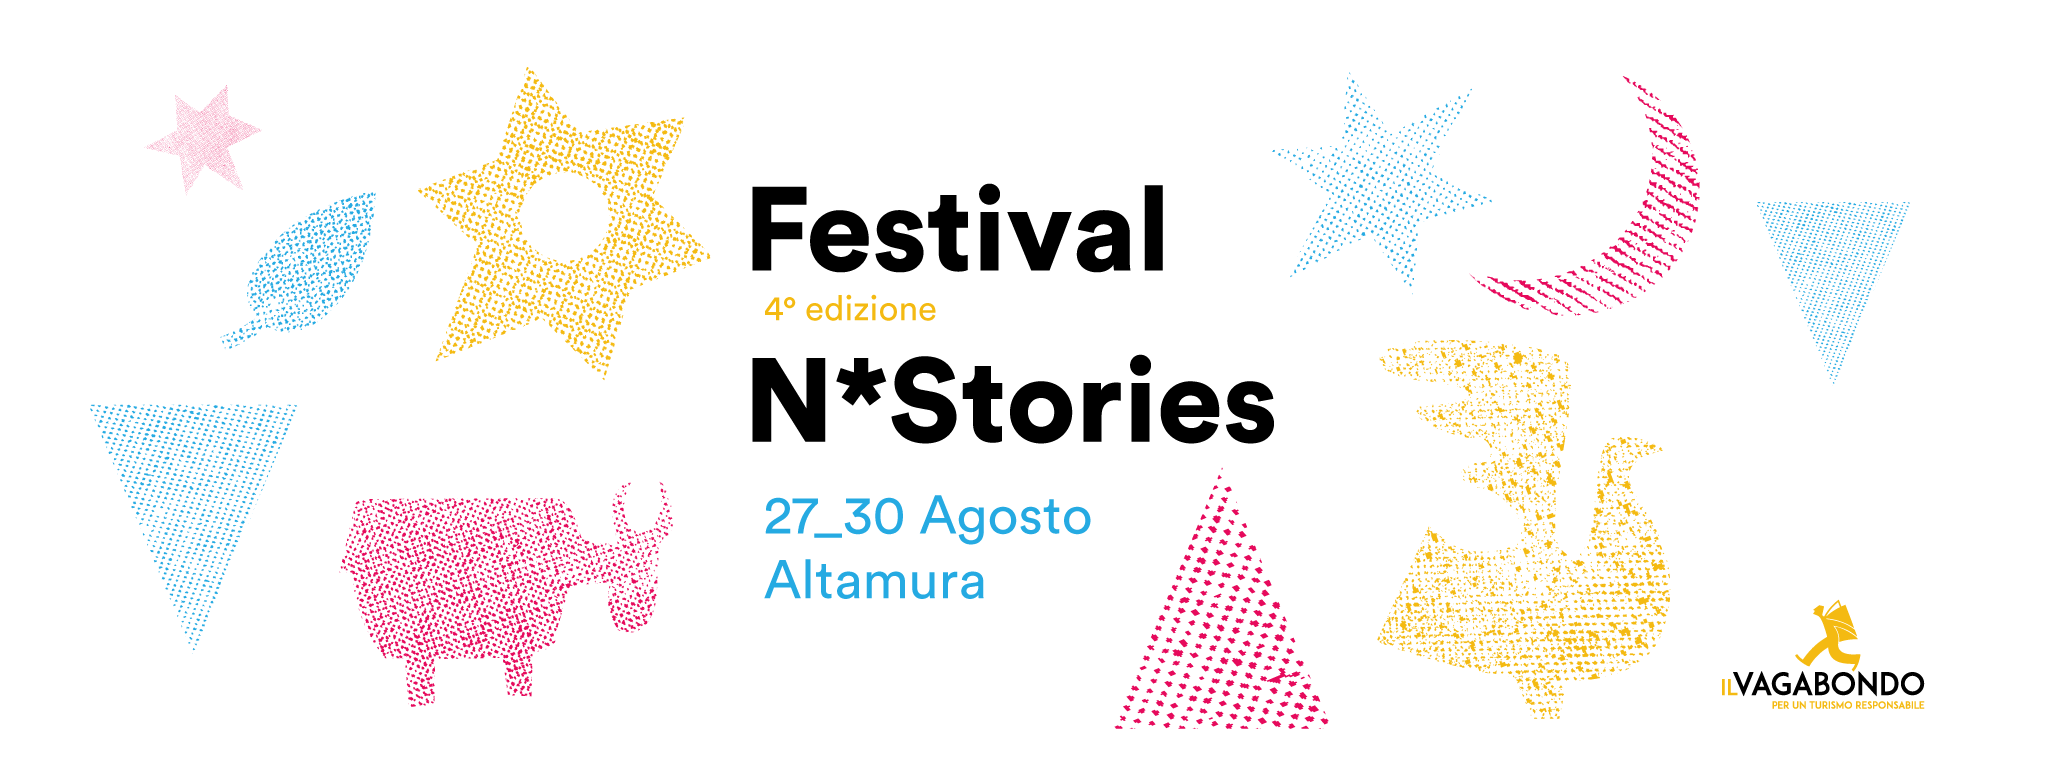 Il viaggio che cambia e come si racconta, tema della 4° edizione del Festival N*stories